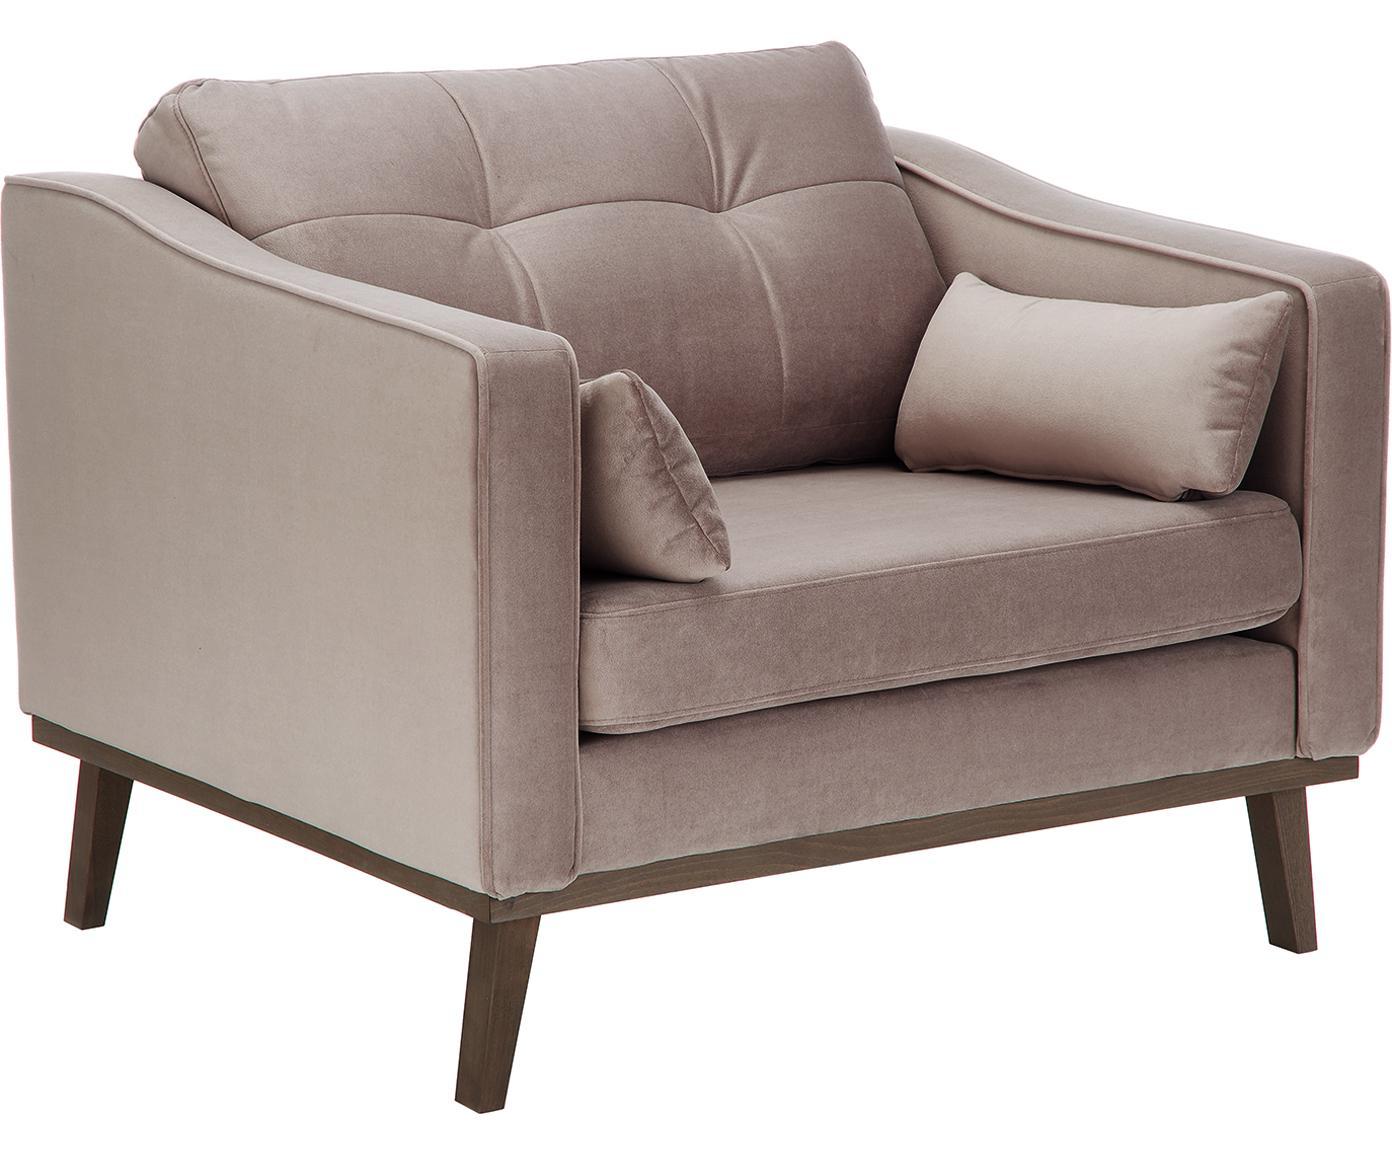 Fluwelen fauteuil Alva, Bekleding: fluweel (hoogwaardig poly, Frame: massief grenenhout, Poten: massief gebeitst beukenho, Taupe, B 102 x D 92 cm